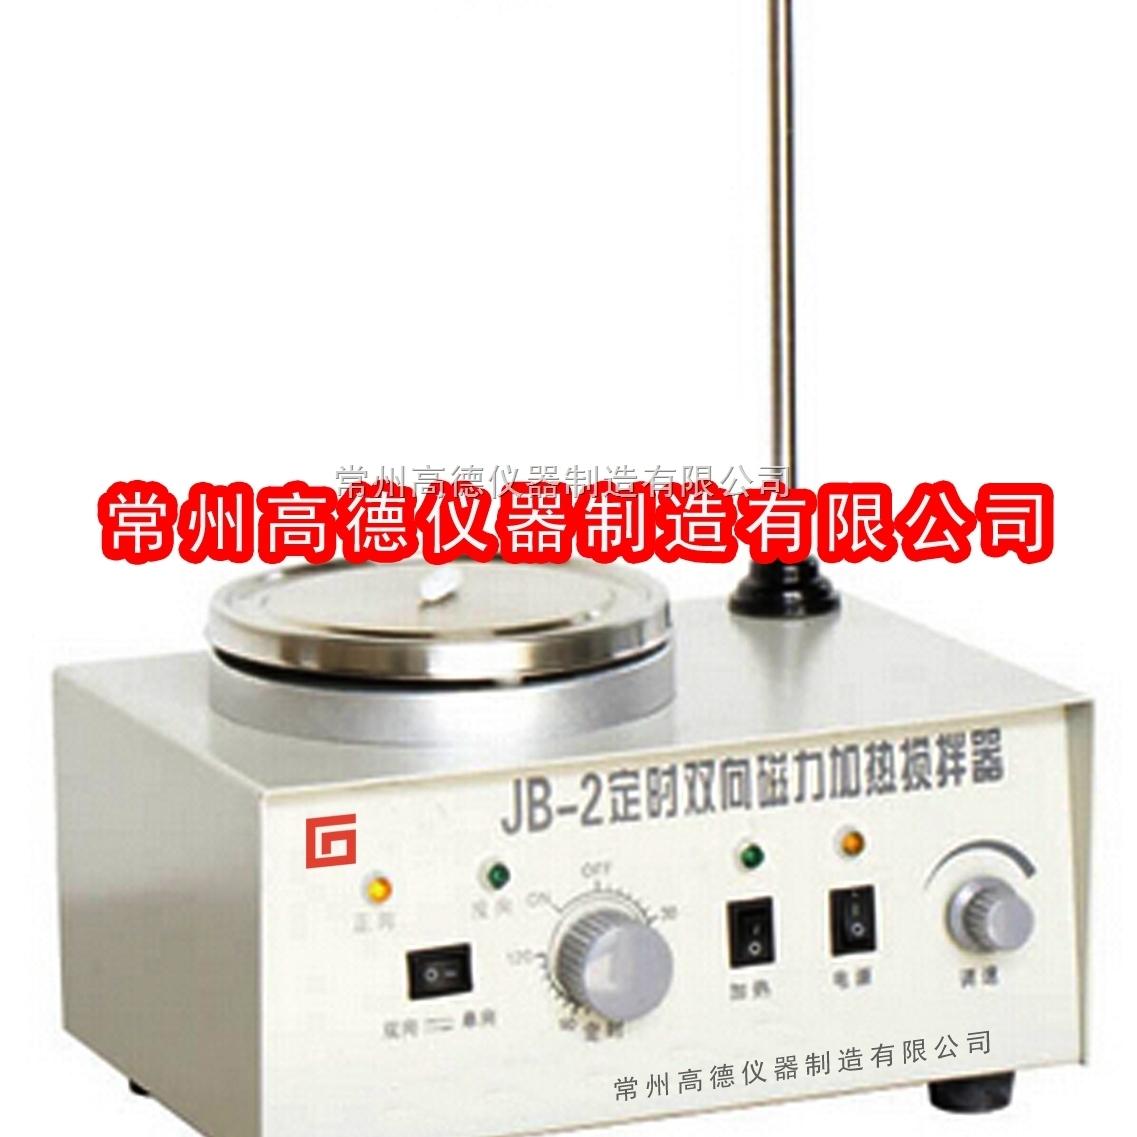 双向定时加热磁力搅拌器